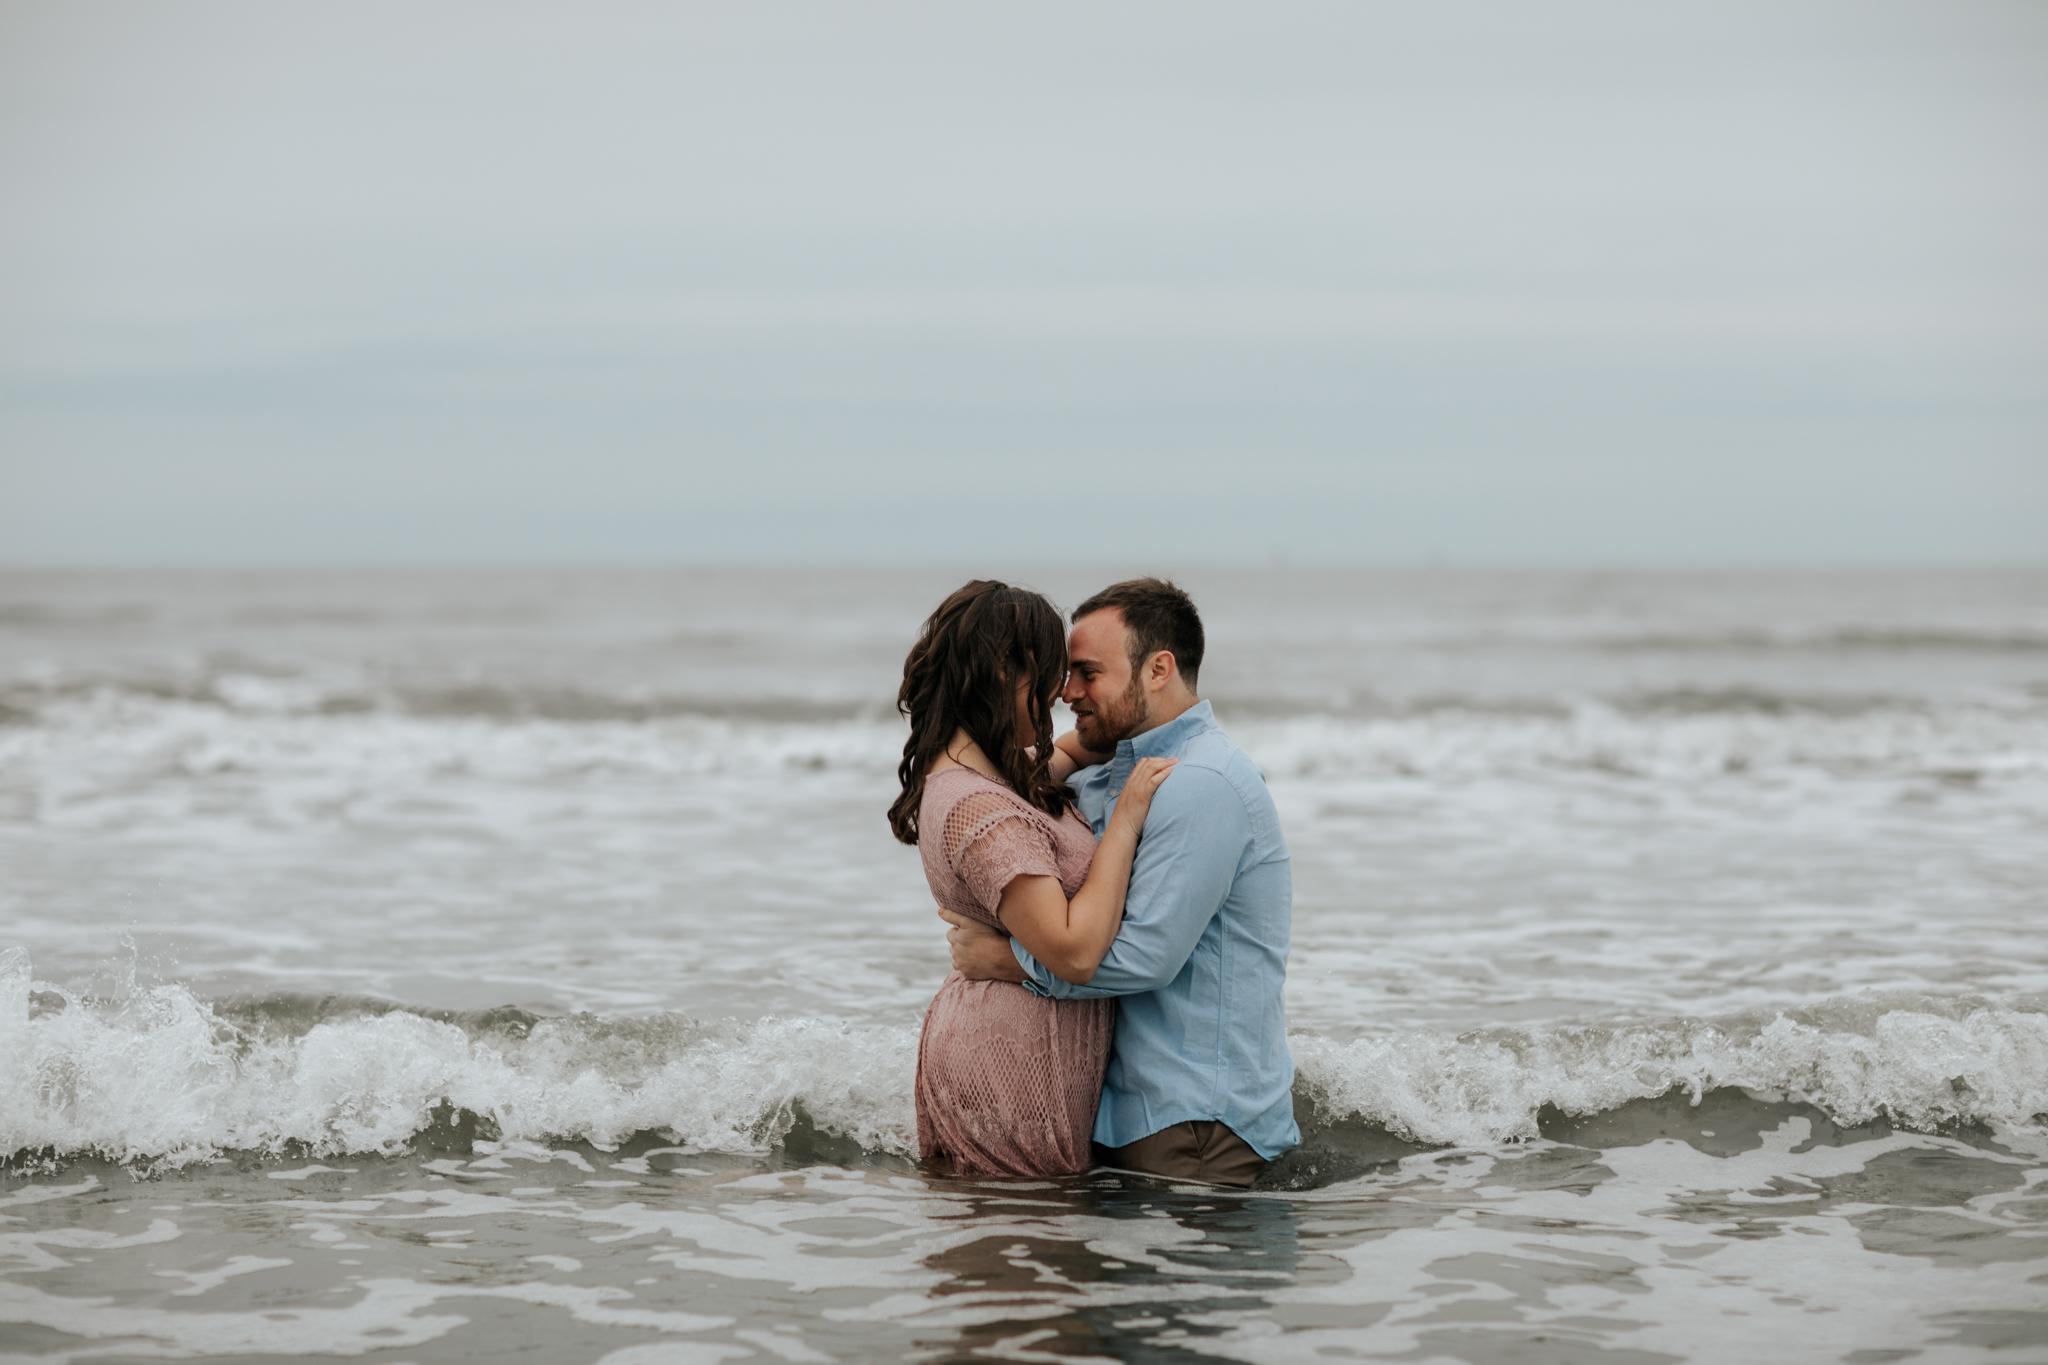 Leah Nicole Photography - Houston Wedding Photographer-Galveston Engagement Session- Houston Wedding Photographer -Kristen Giles Photography-15.jpg